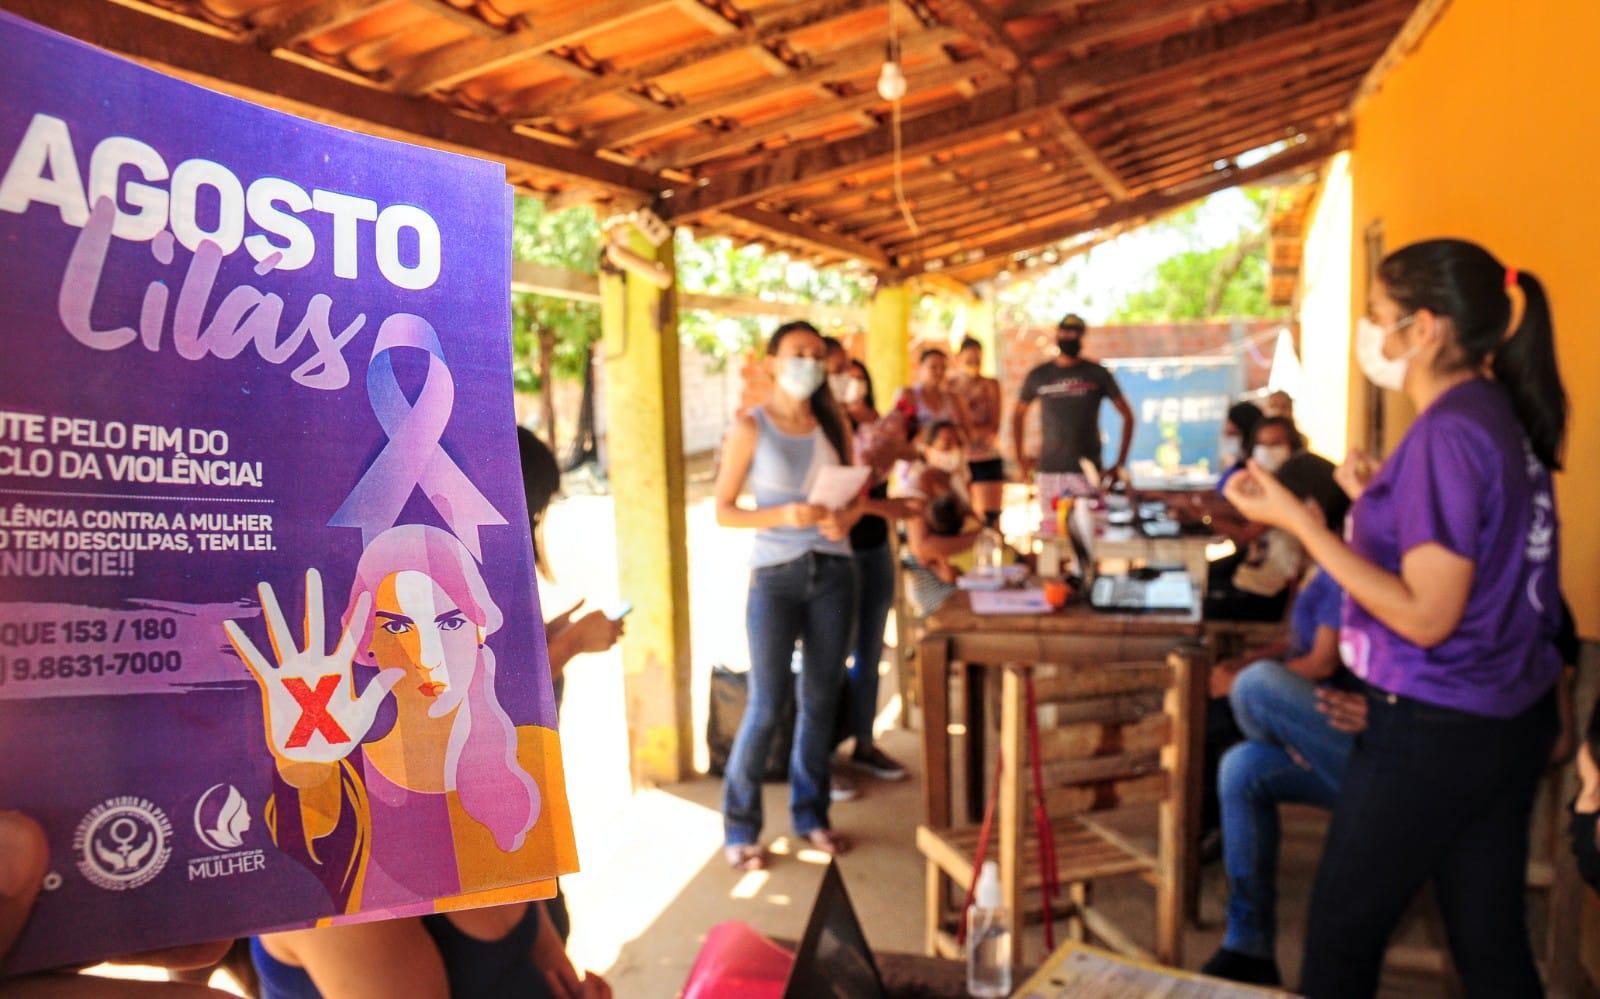 Centro de Referência da Mulher encerra ações da campanha Agosto Lilás